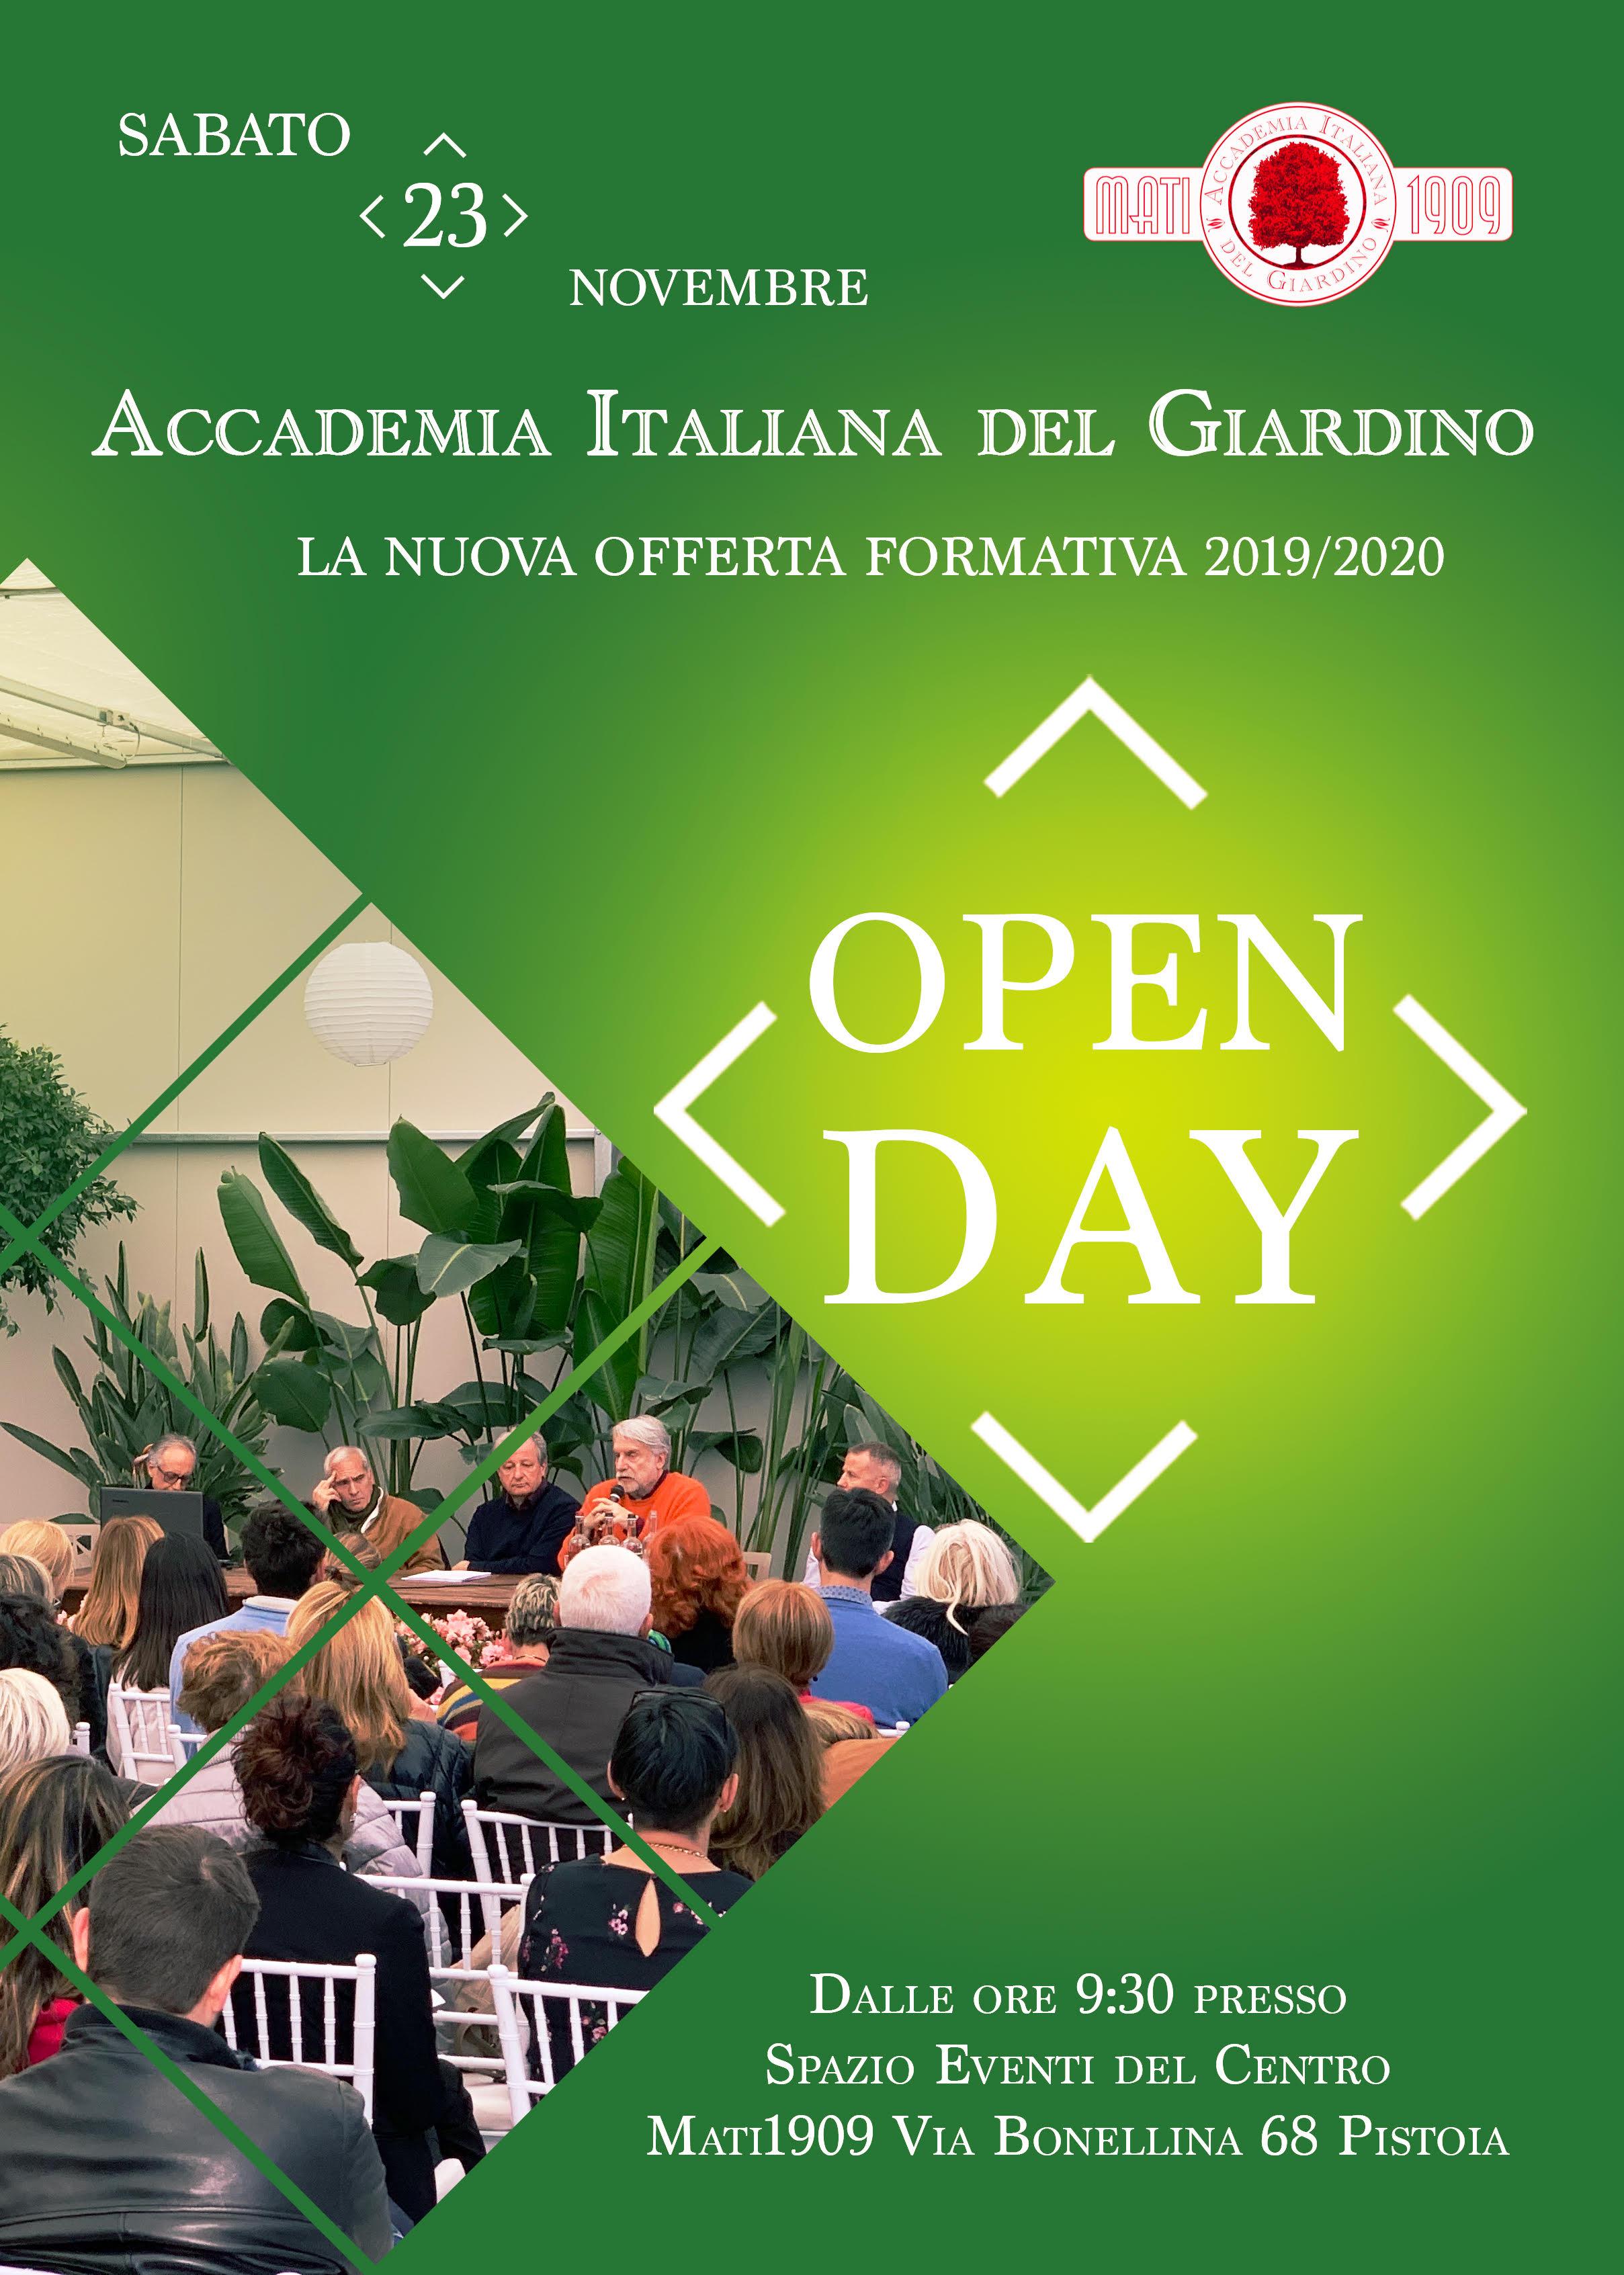 Open day Accademia Italiana del Giardino